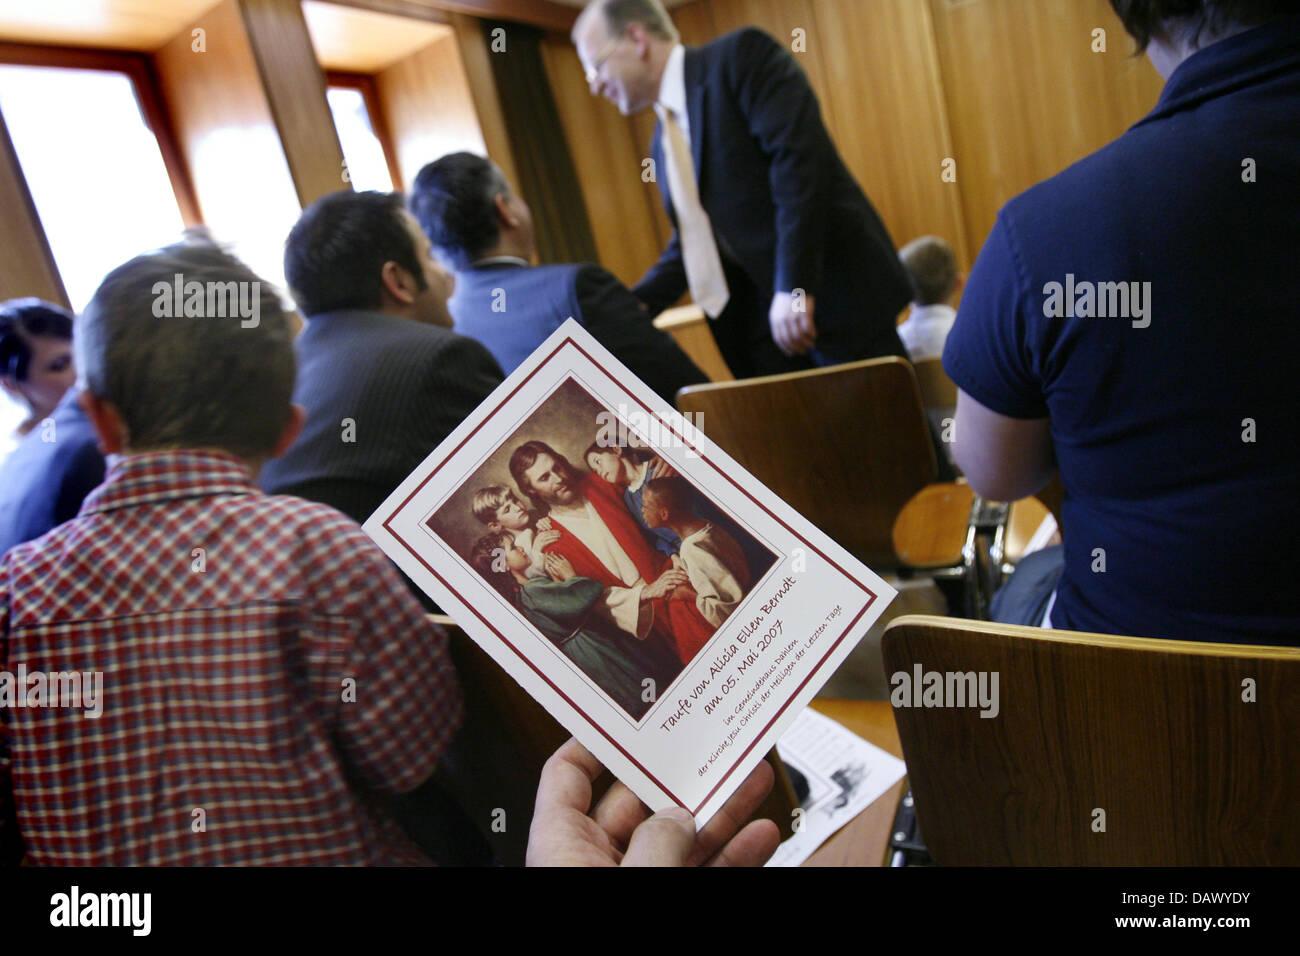 Groß Lds Taufe Bild Fotos - Druckbare Malvorlagen - amaichi.info